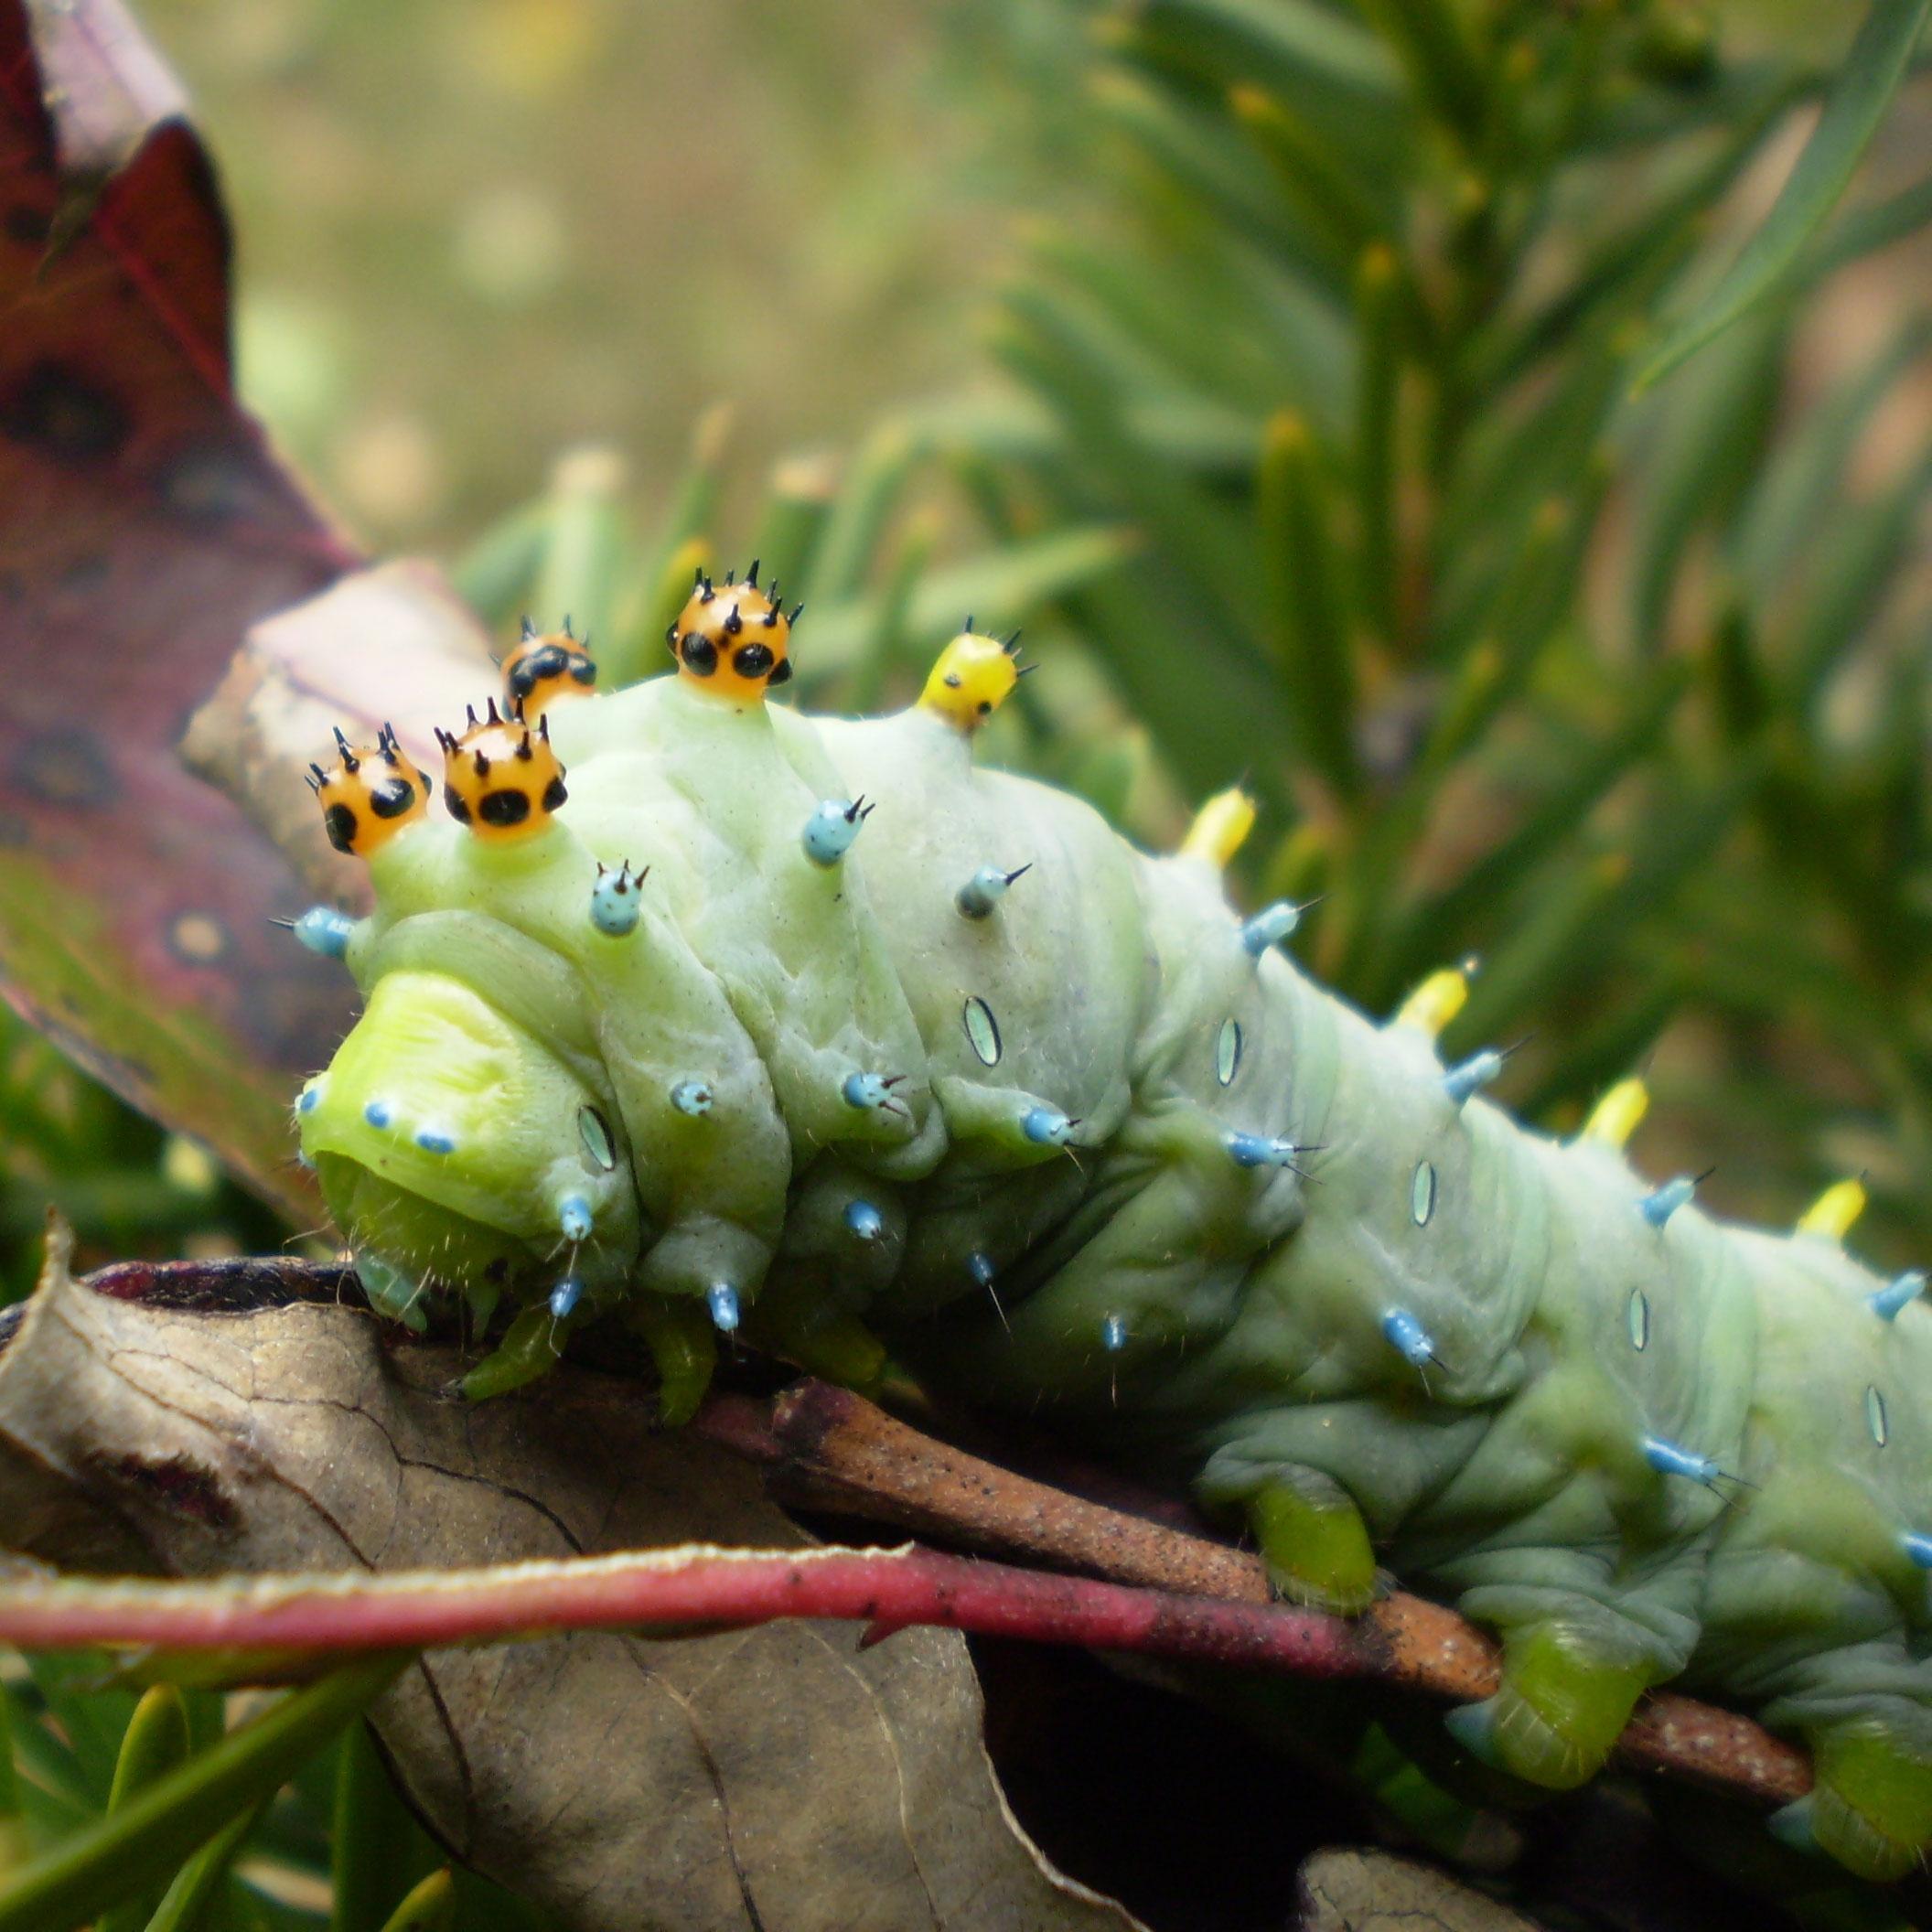 PHOTO: Cecropia moth caterpillar.